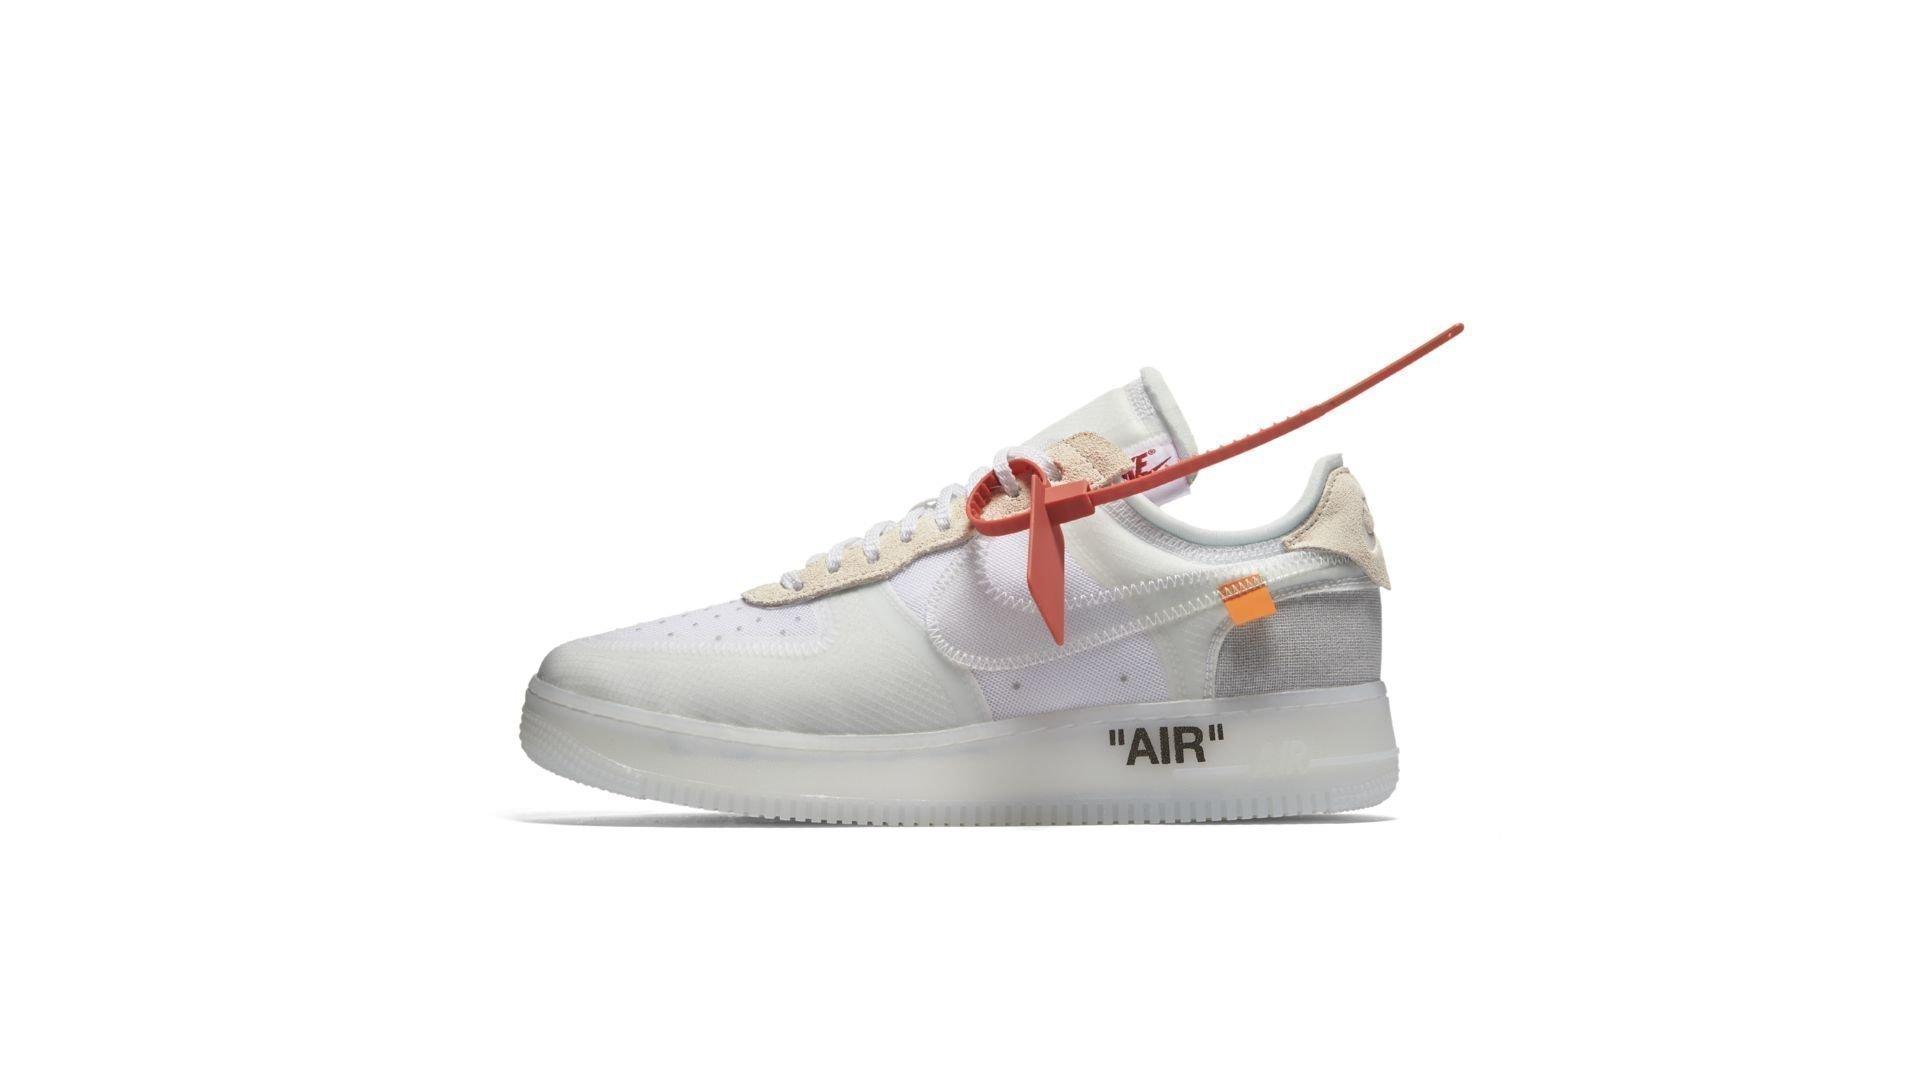 Nike Air Force AO4606-100